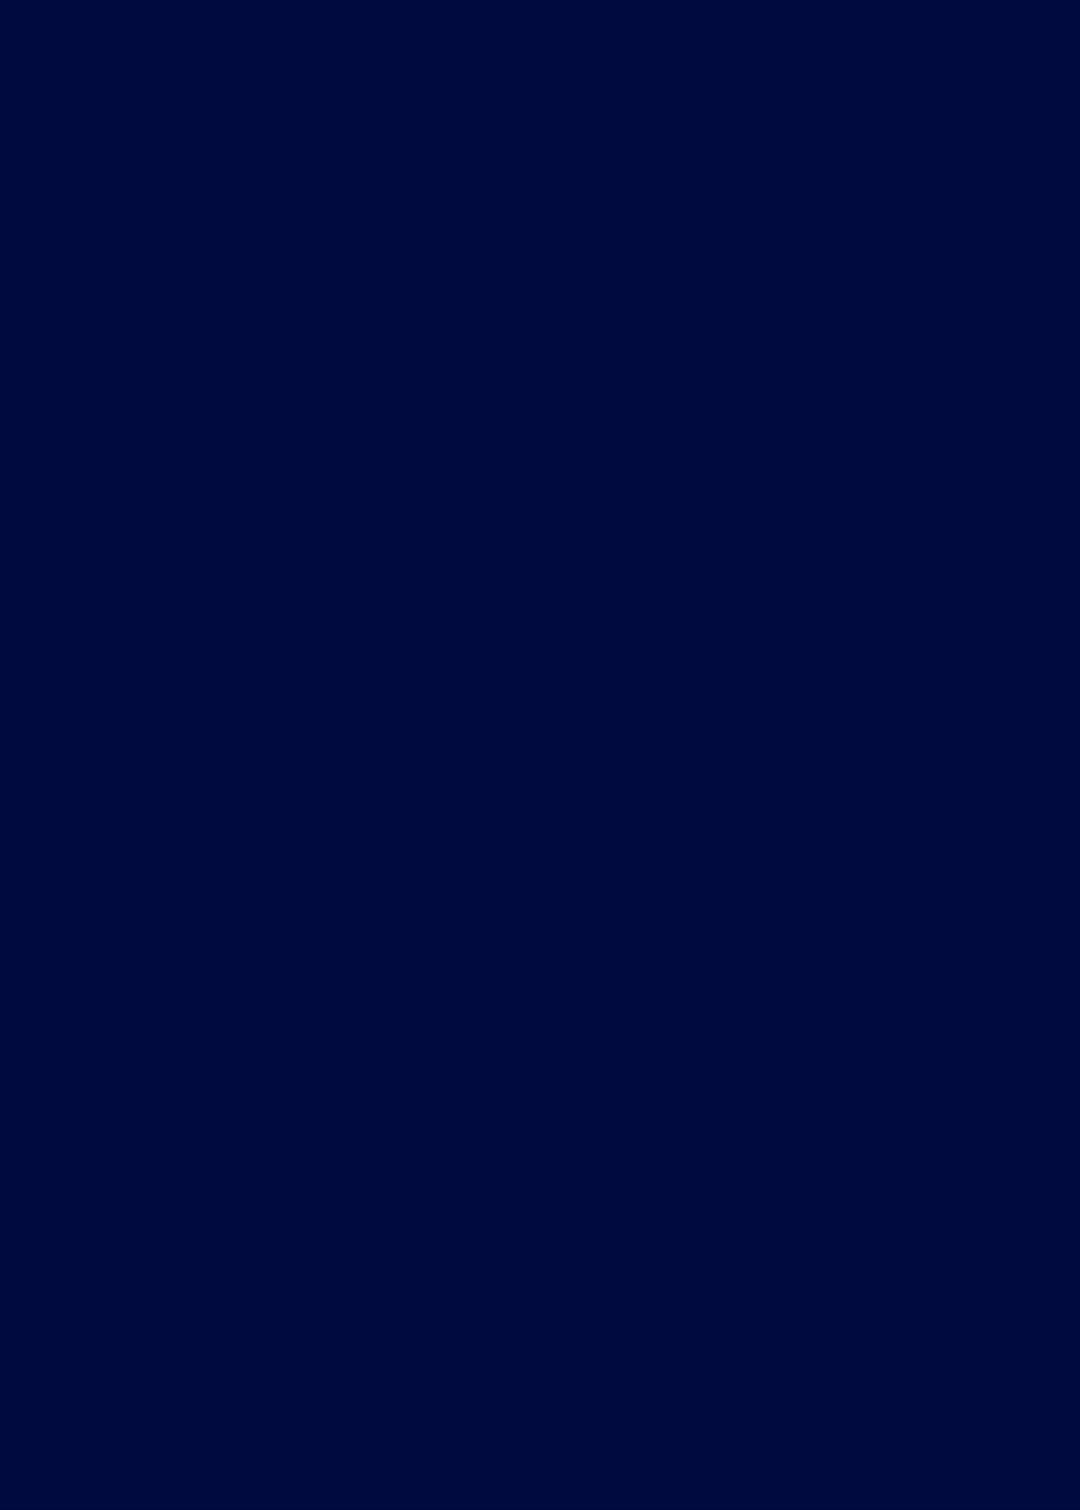 【エロ漫画】男子に映画デートに誘われたのにすでに付き合ってからの性生活の確認をするほど話が早すぎる爆乳お姉さん…初デートで高速手コキピストンで連続射精させ速すぎるイチャラブ生ハメセックス!【TKジーザス:話が早すぎるバイト先の先輩】